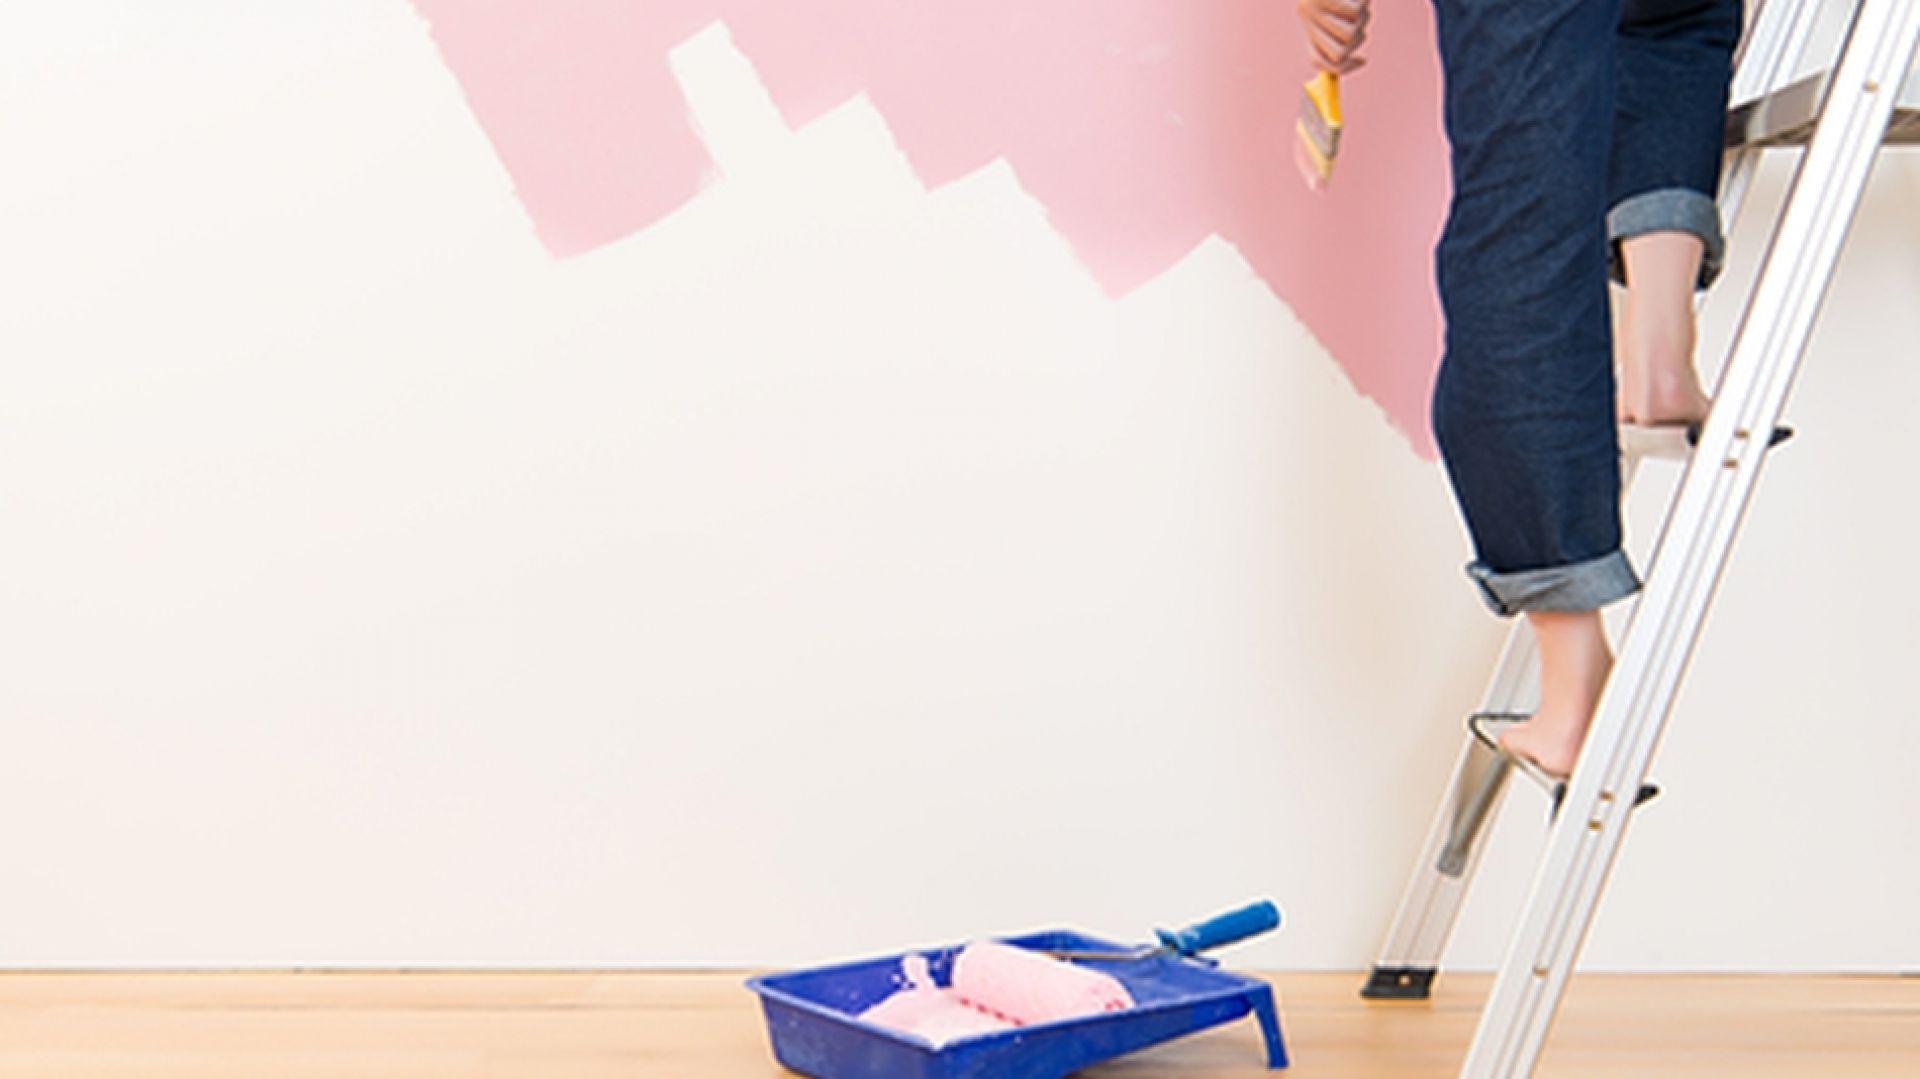 Pokrycie ściany farbą to najważniejszy, ale nie jedyny etap malowania wnętrz. Klucz do sukcesu to odpowiednie przygotowanie podłoża i wybór właściwej farby. Fot. Caparol